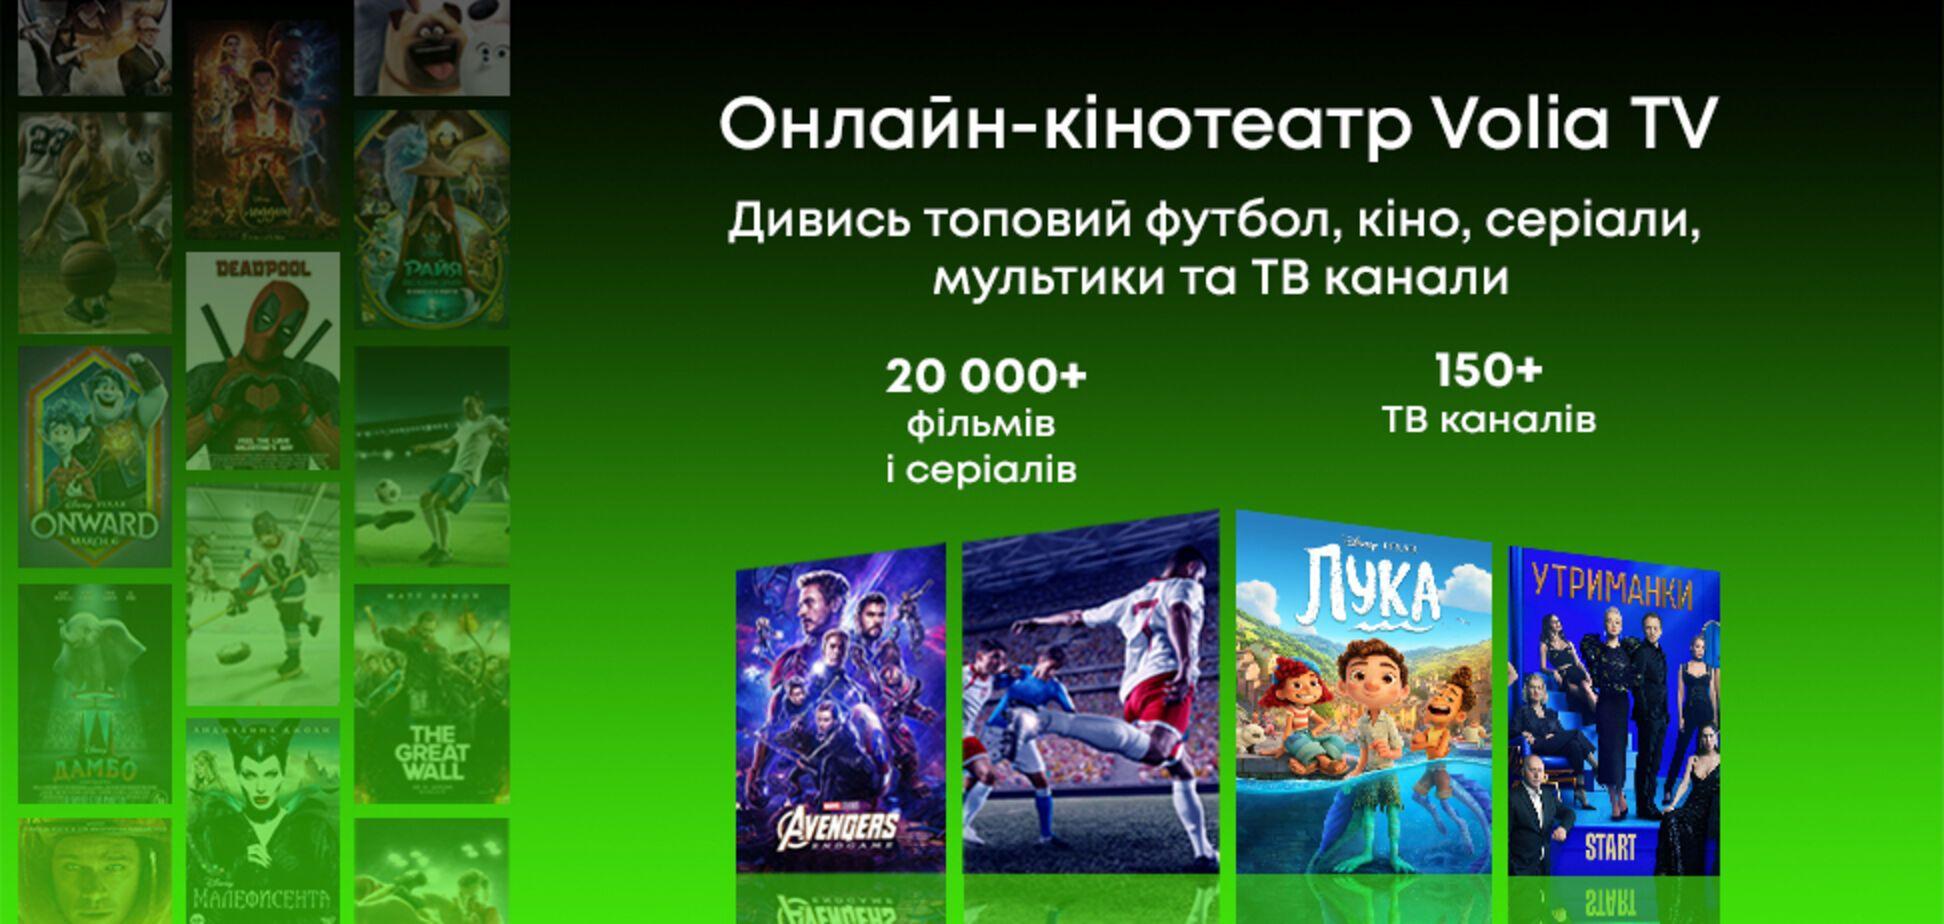 Онлайн-кінотеатр Volia TV налічує понад 20 тис. фільмів і серіалів